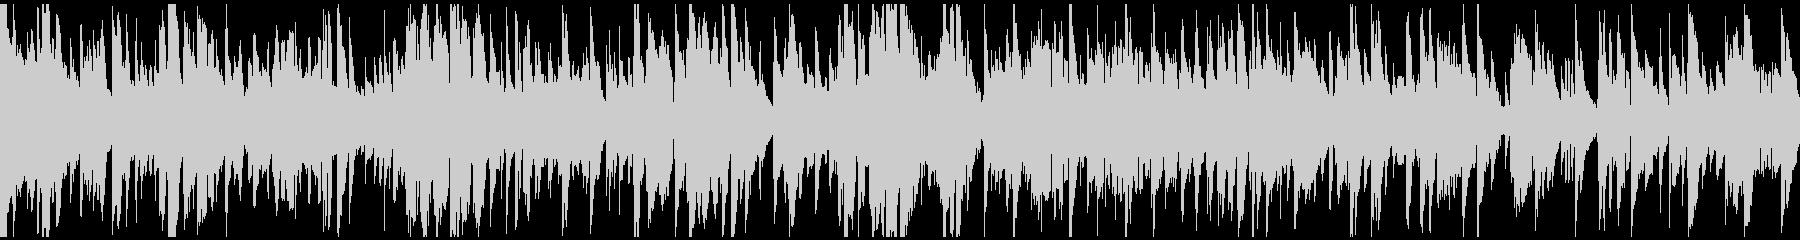 生演奏アルトサックス低速ジャズ※ループ版の未再生の波形